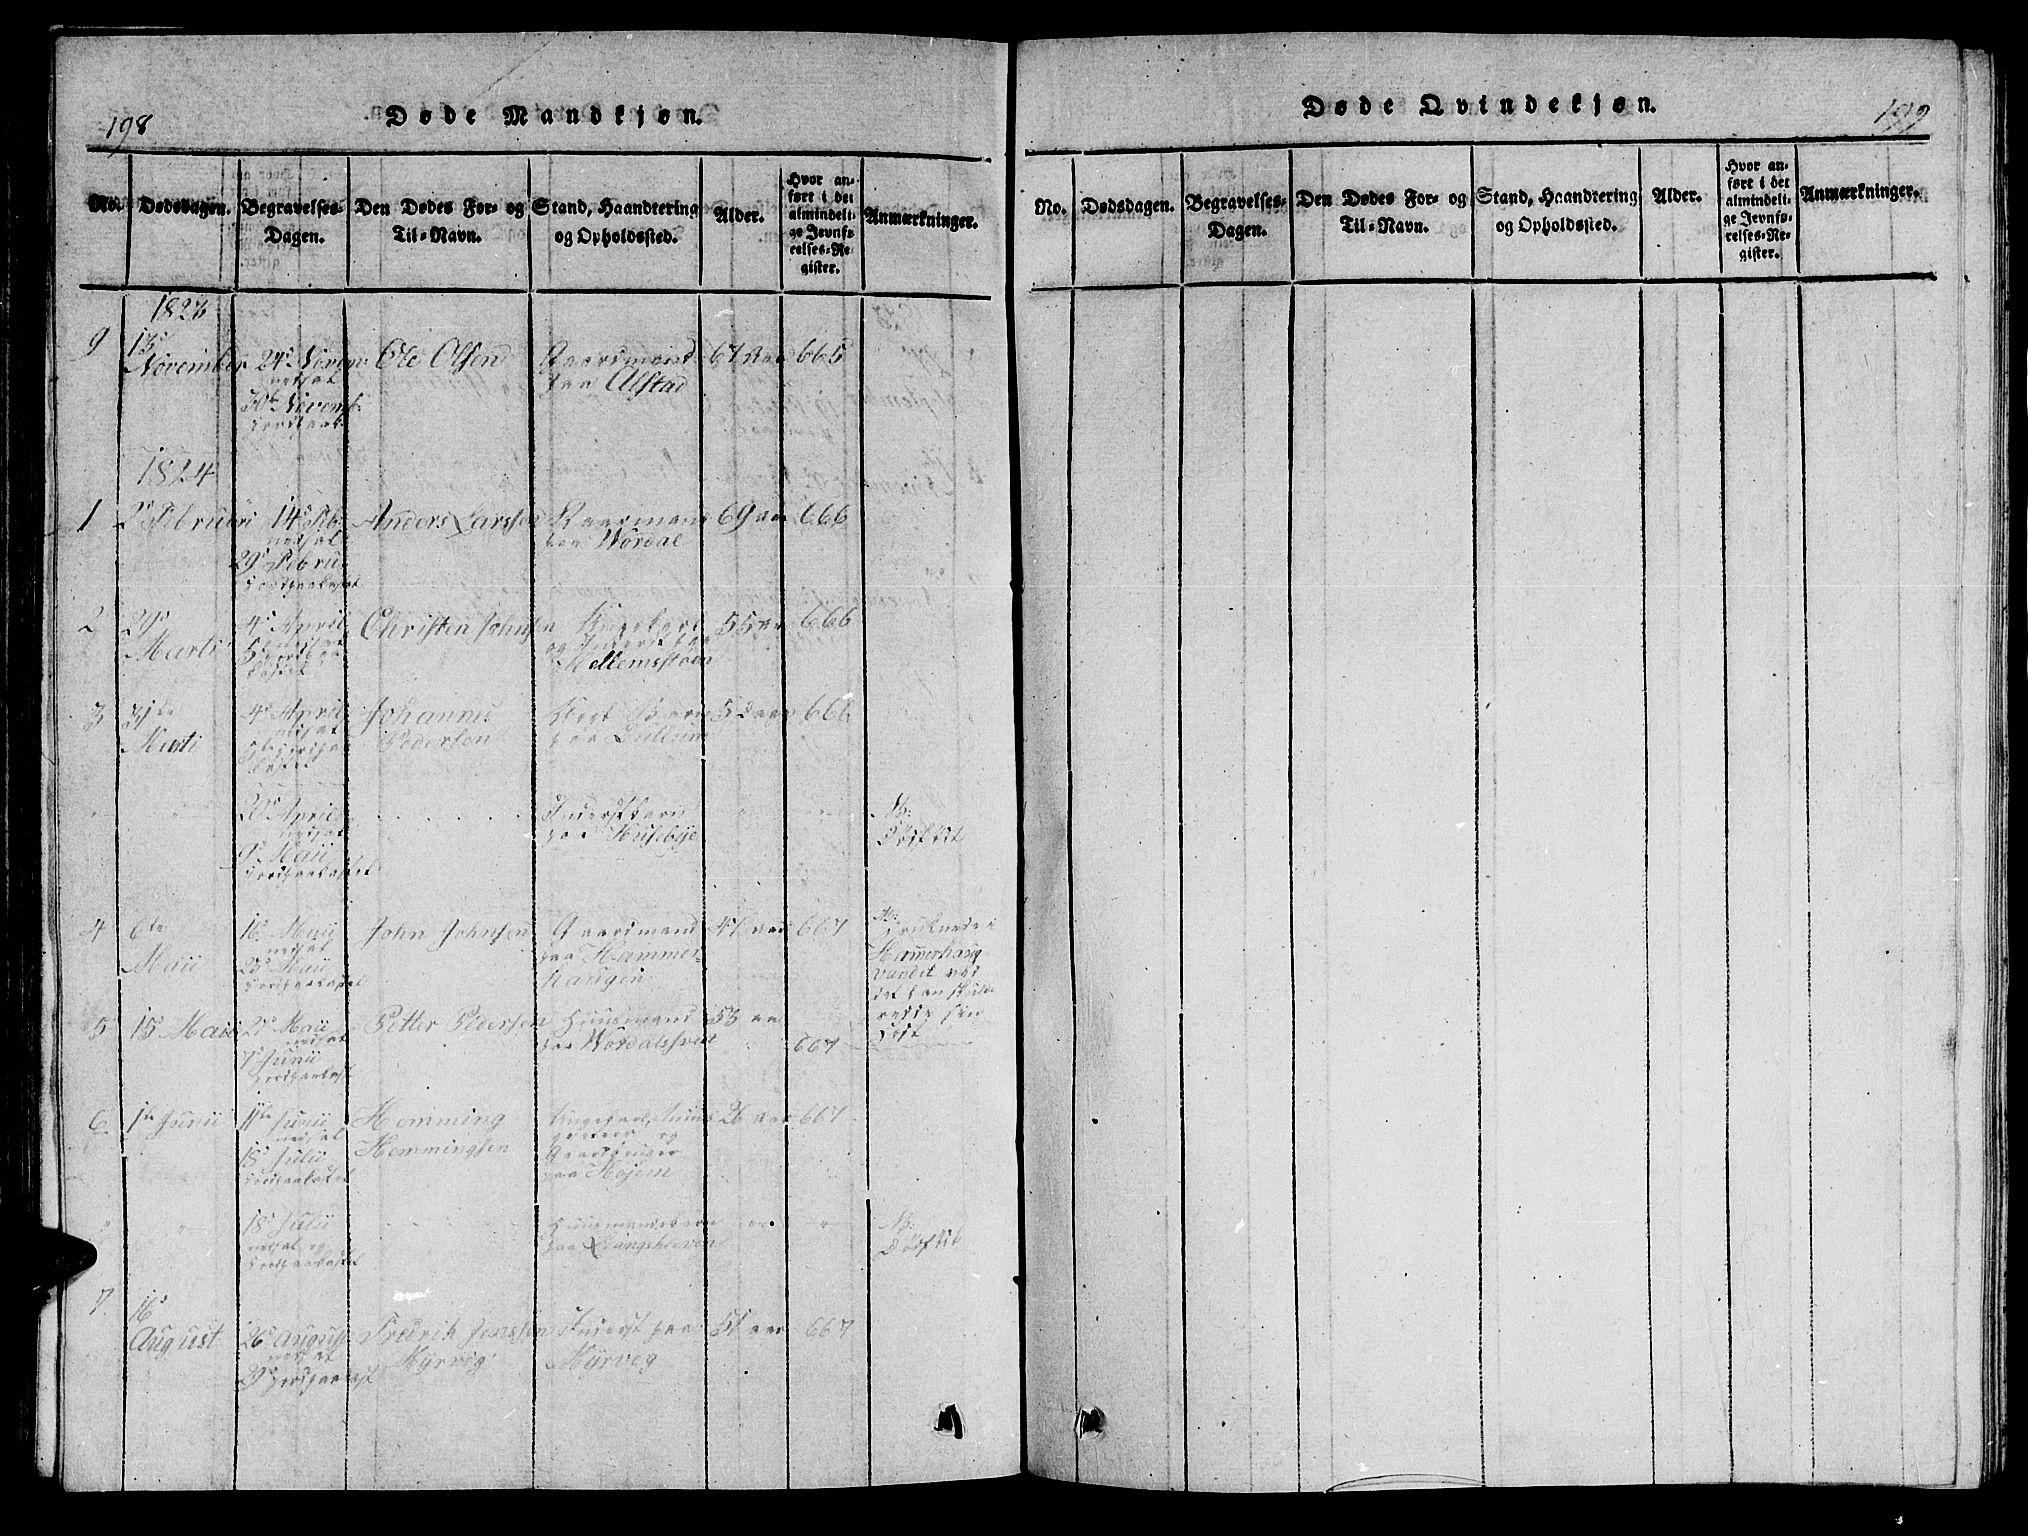 SAT, Ministerialprotokoller, klokkerbøker og fødselsregistre - Nord-Trøndelag, 714/L0132: Klokkerbok nr. 714C01, 1817-1824, s. 198-199